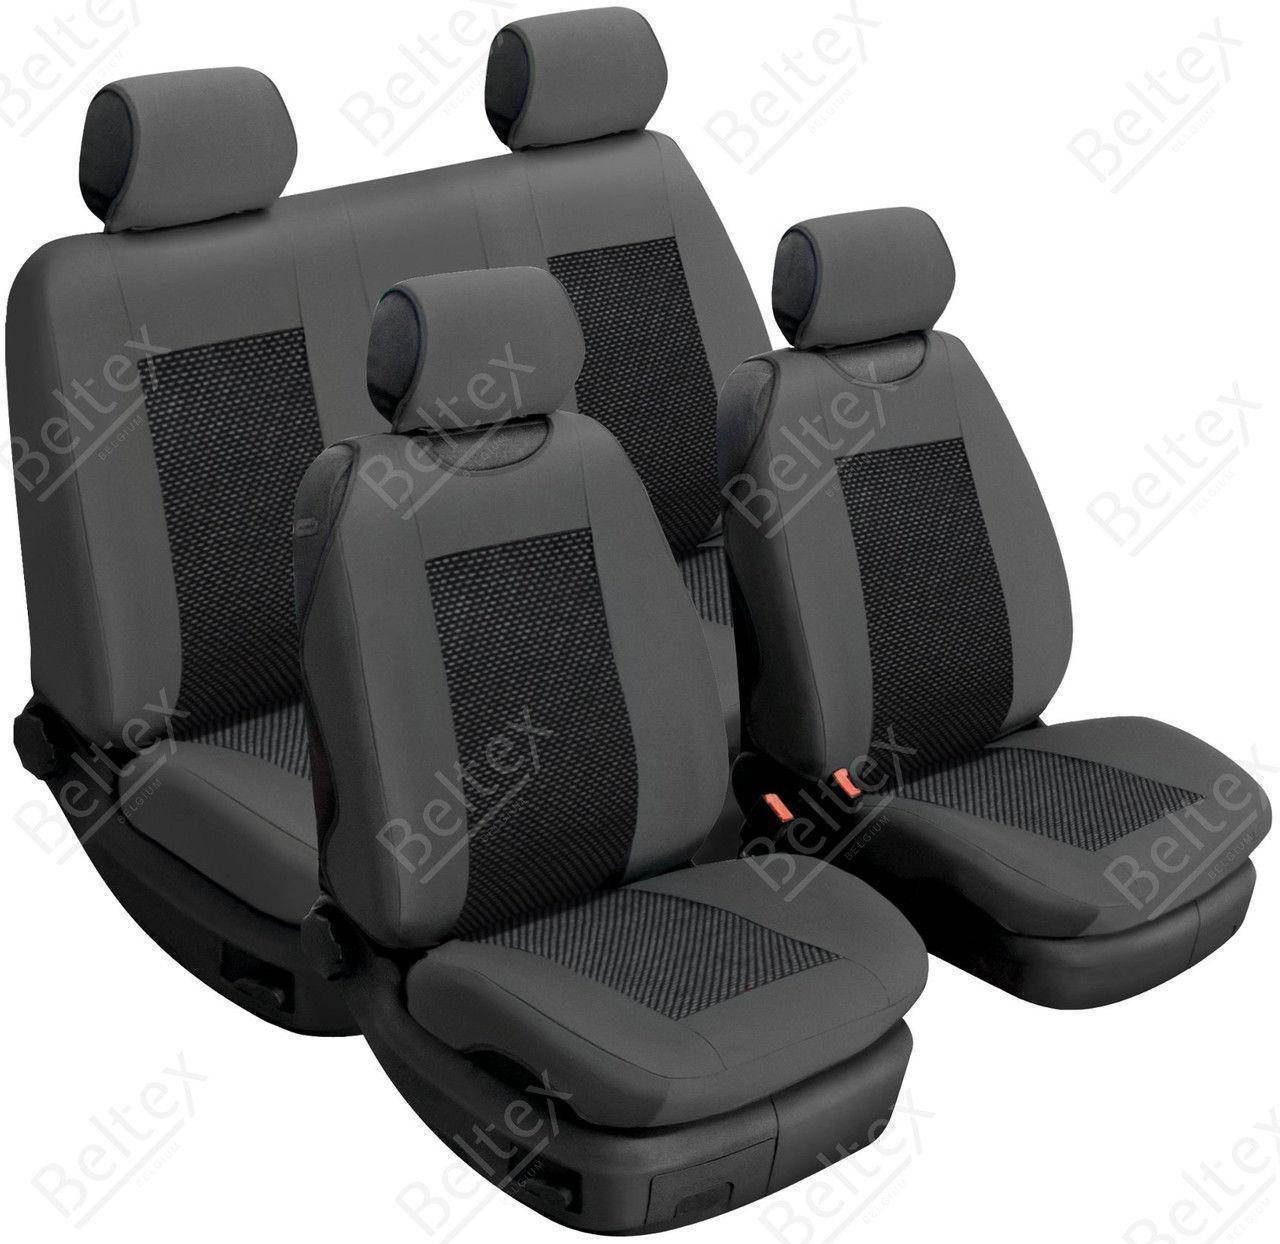 Майки/чехлы на сиденья Шевроле Круз (Chevrolet Cruze)